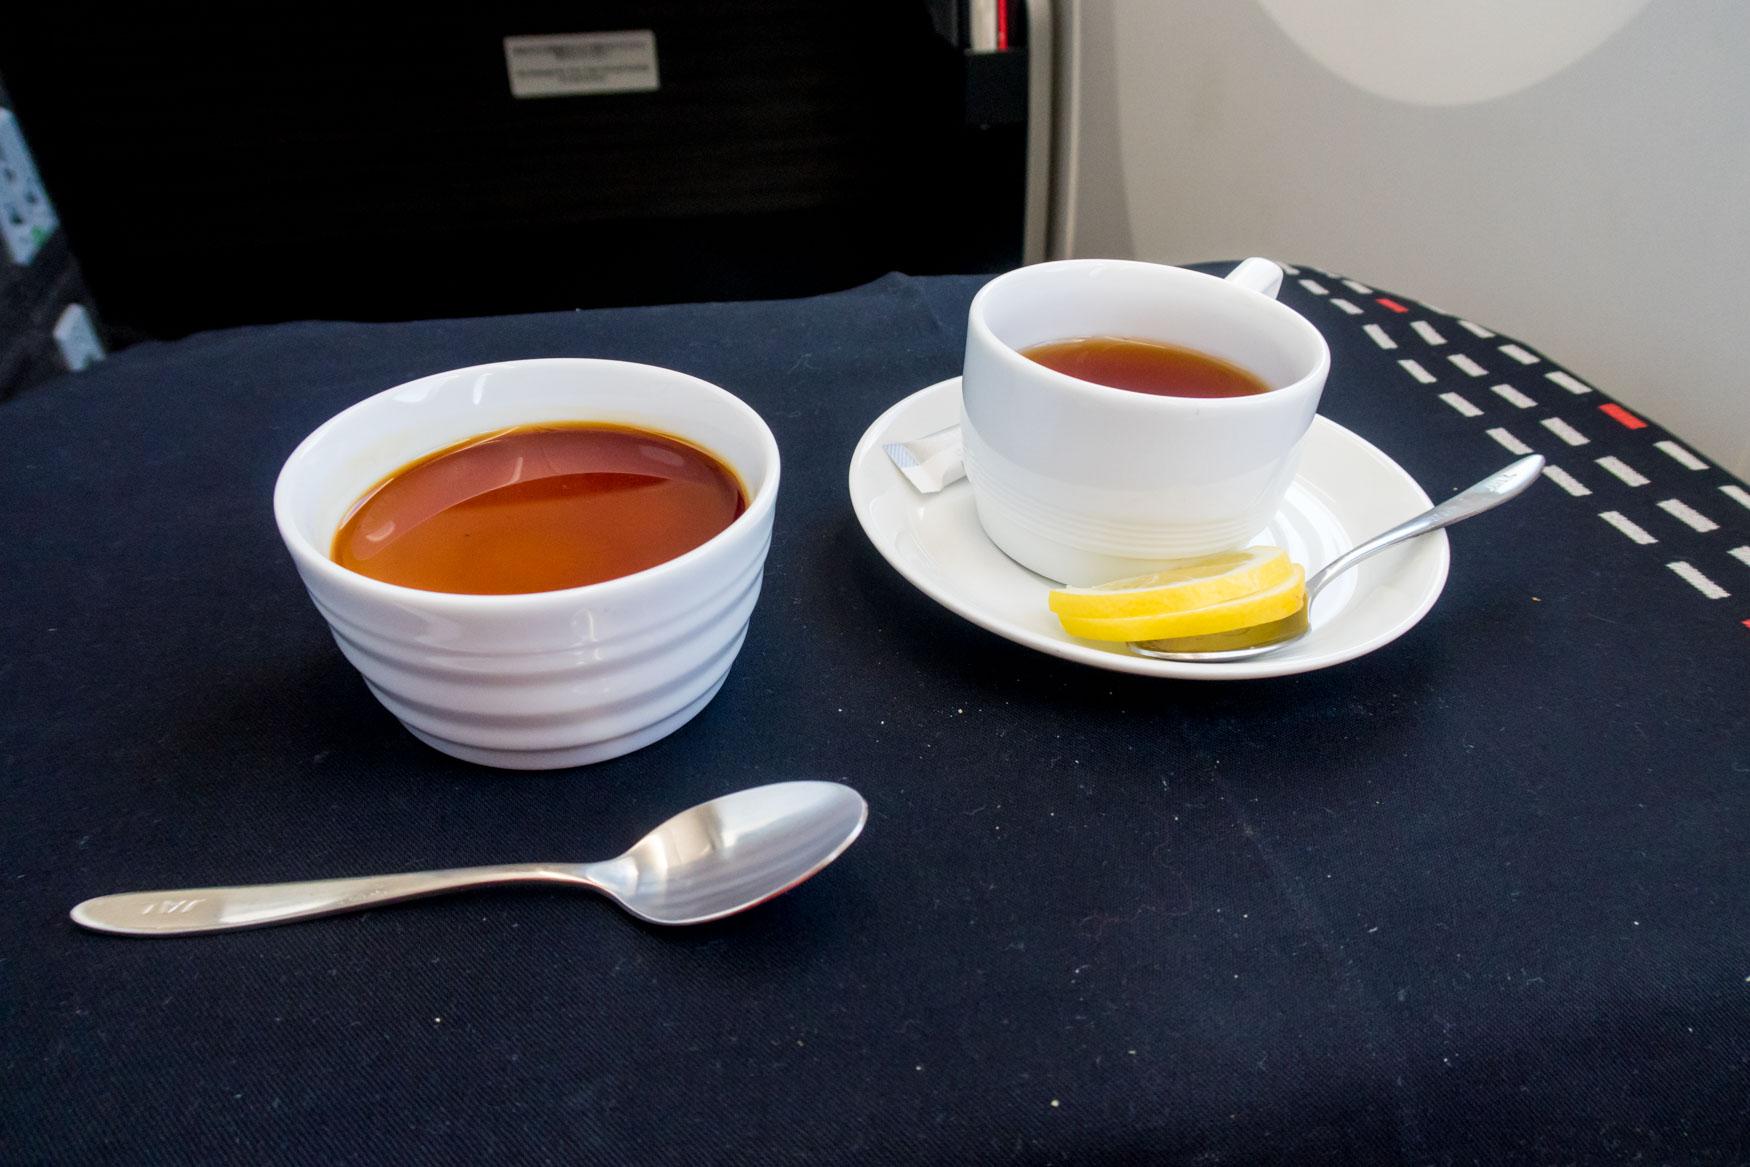 JAL Business Class Dessert